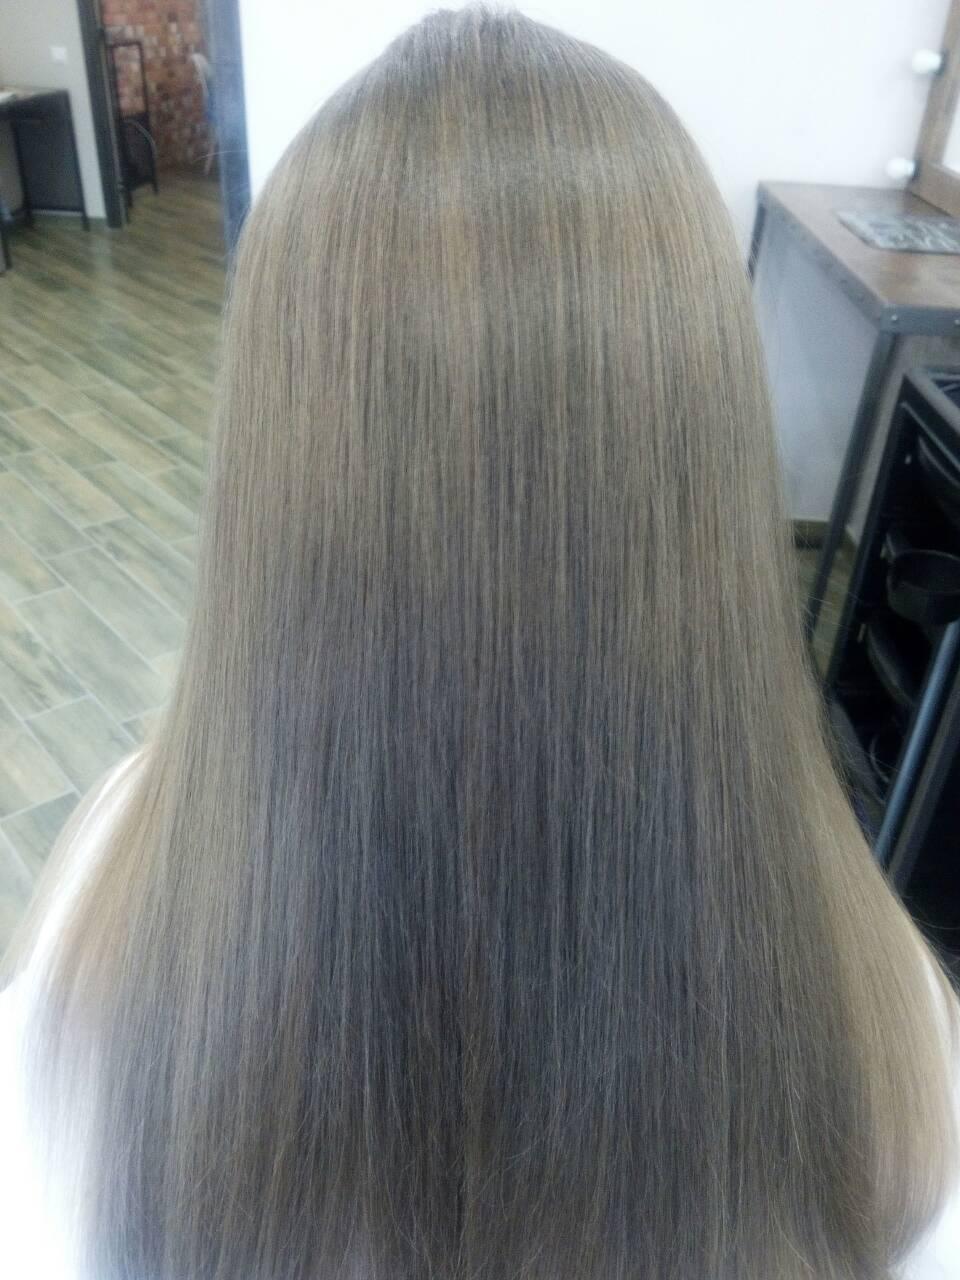 """Стрижка + реконструкция волос, ботокс всего от 30 руб. в студии красоты """"Гримерка"""""""